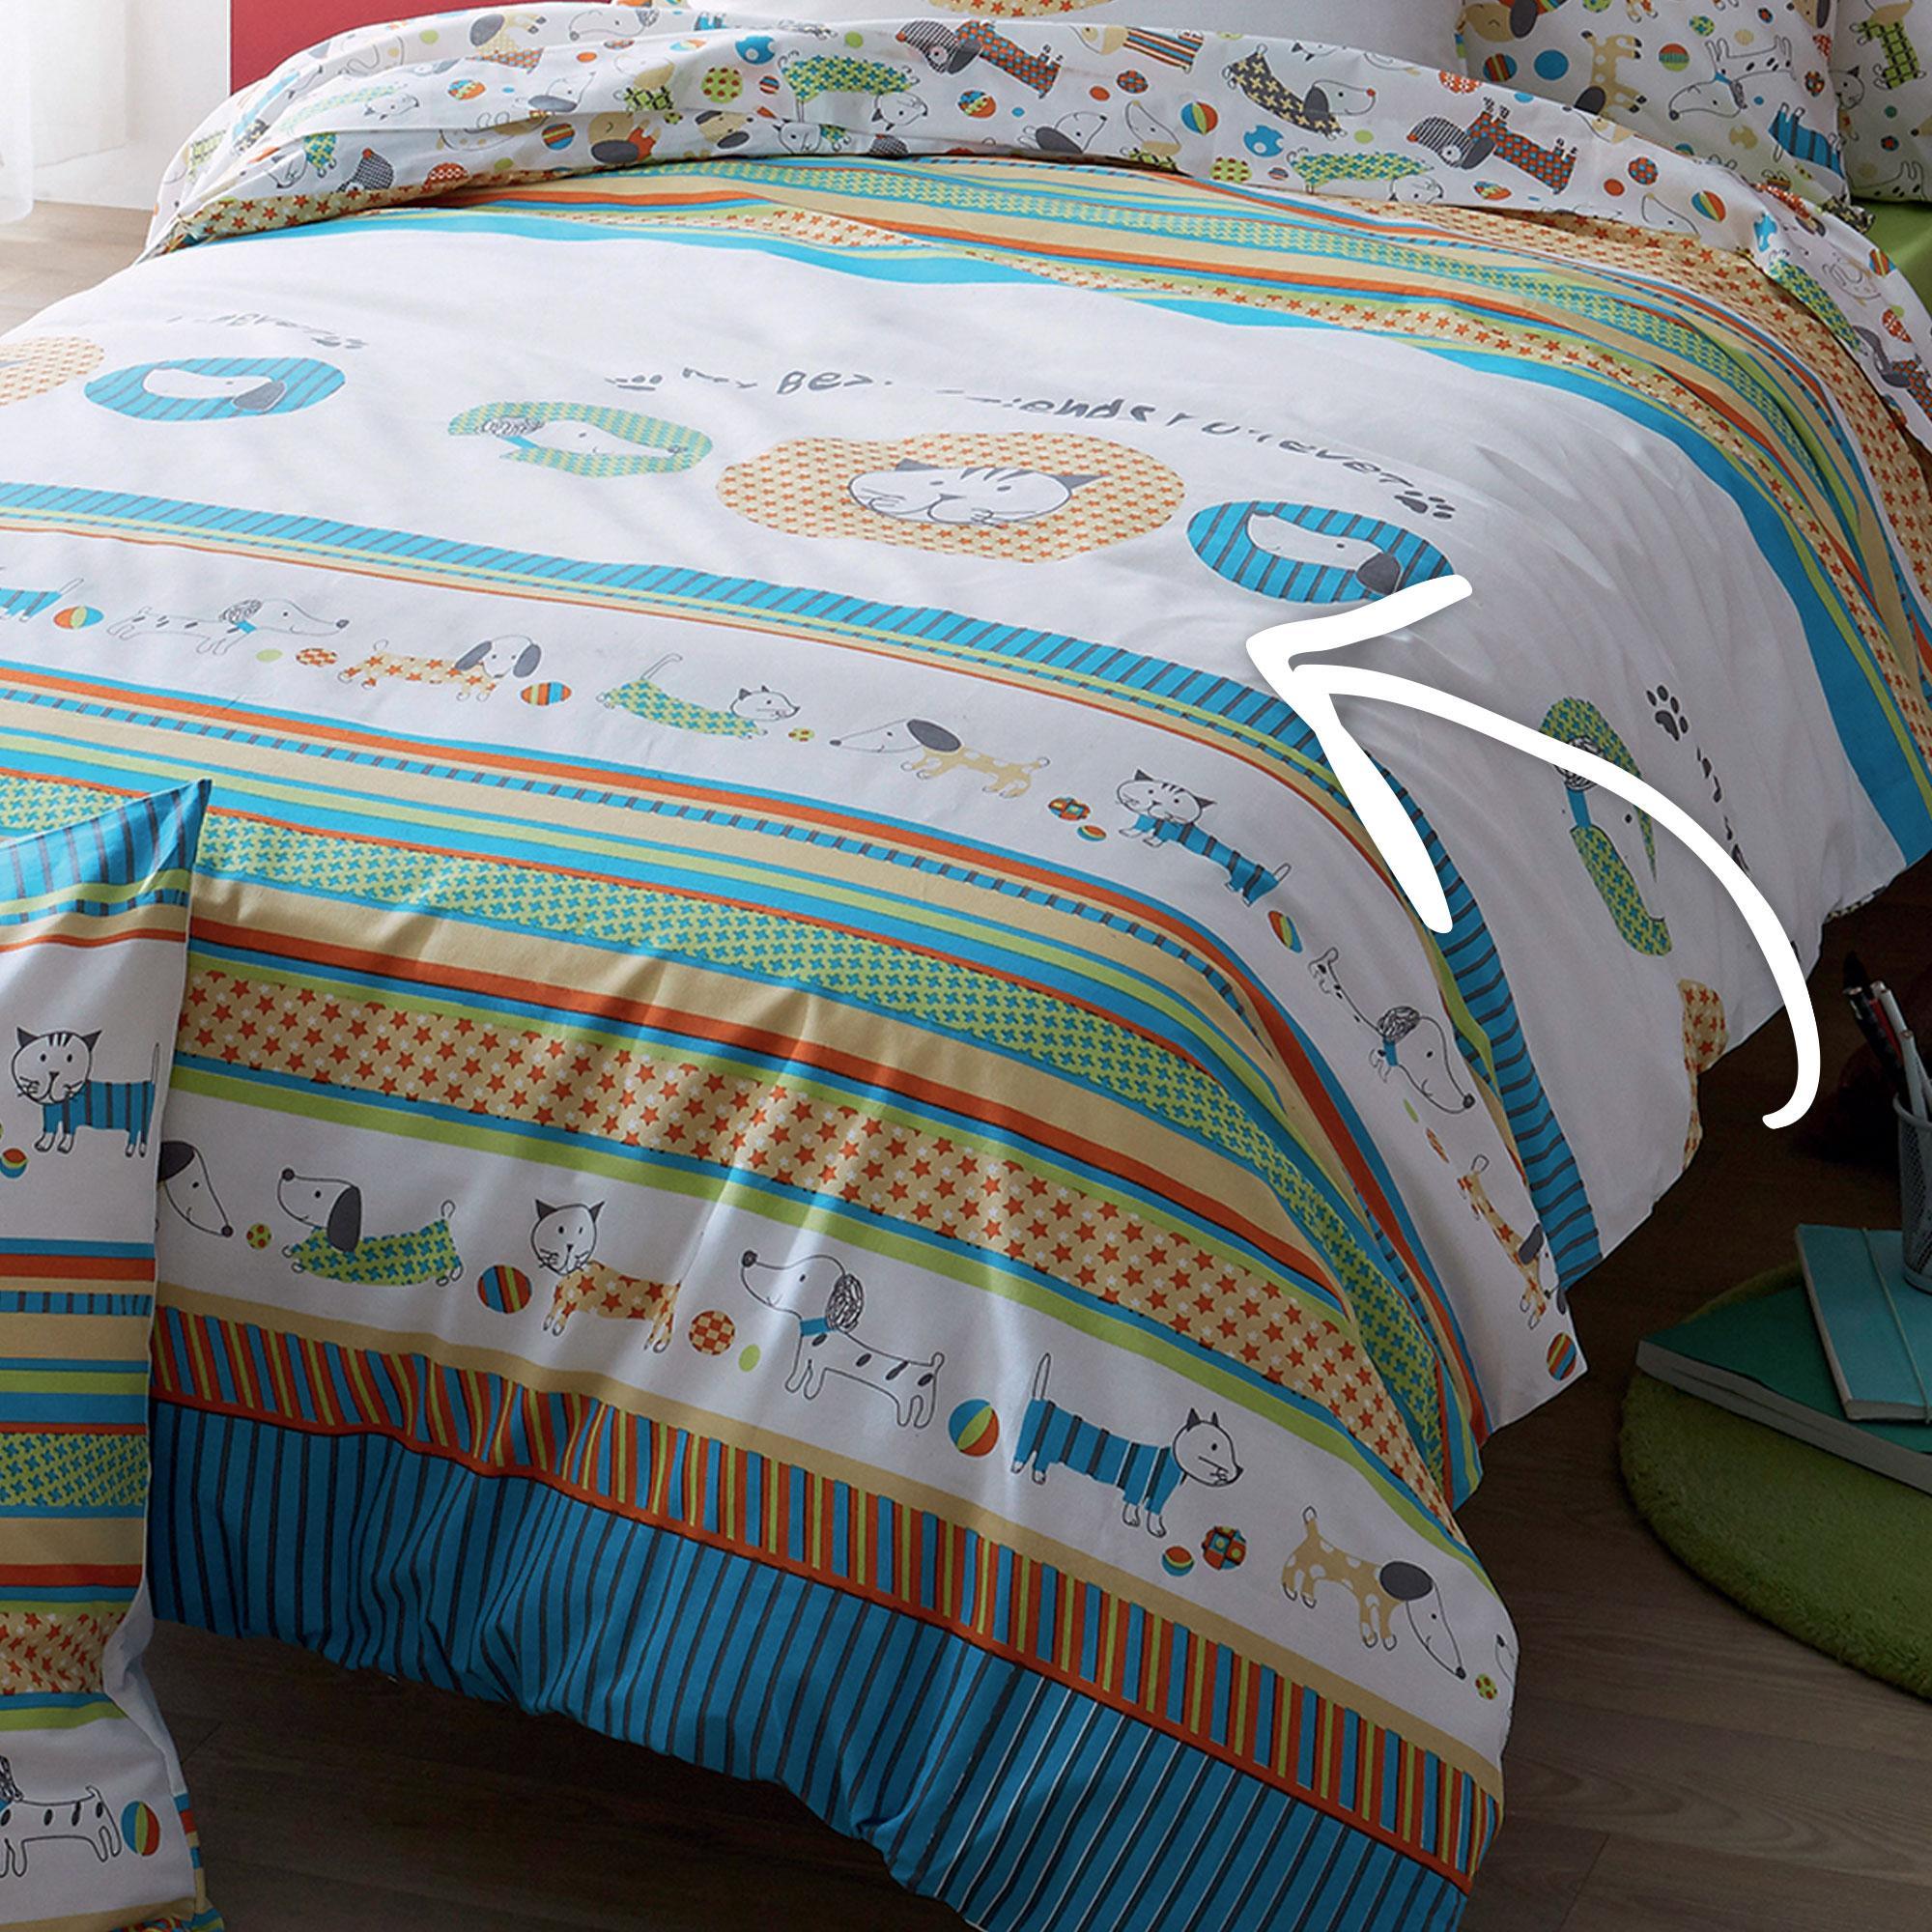 parure de lit 140x200 cm wouaf linnea vente de linge de maison. Black Bedroom Furniture Sets. Home Design Ideas